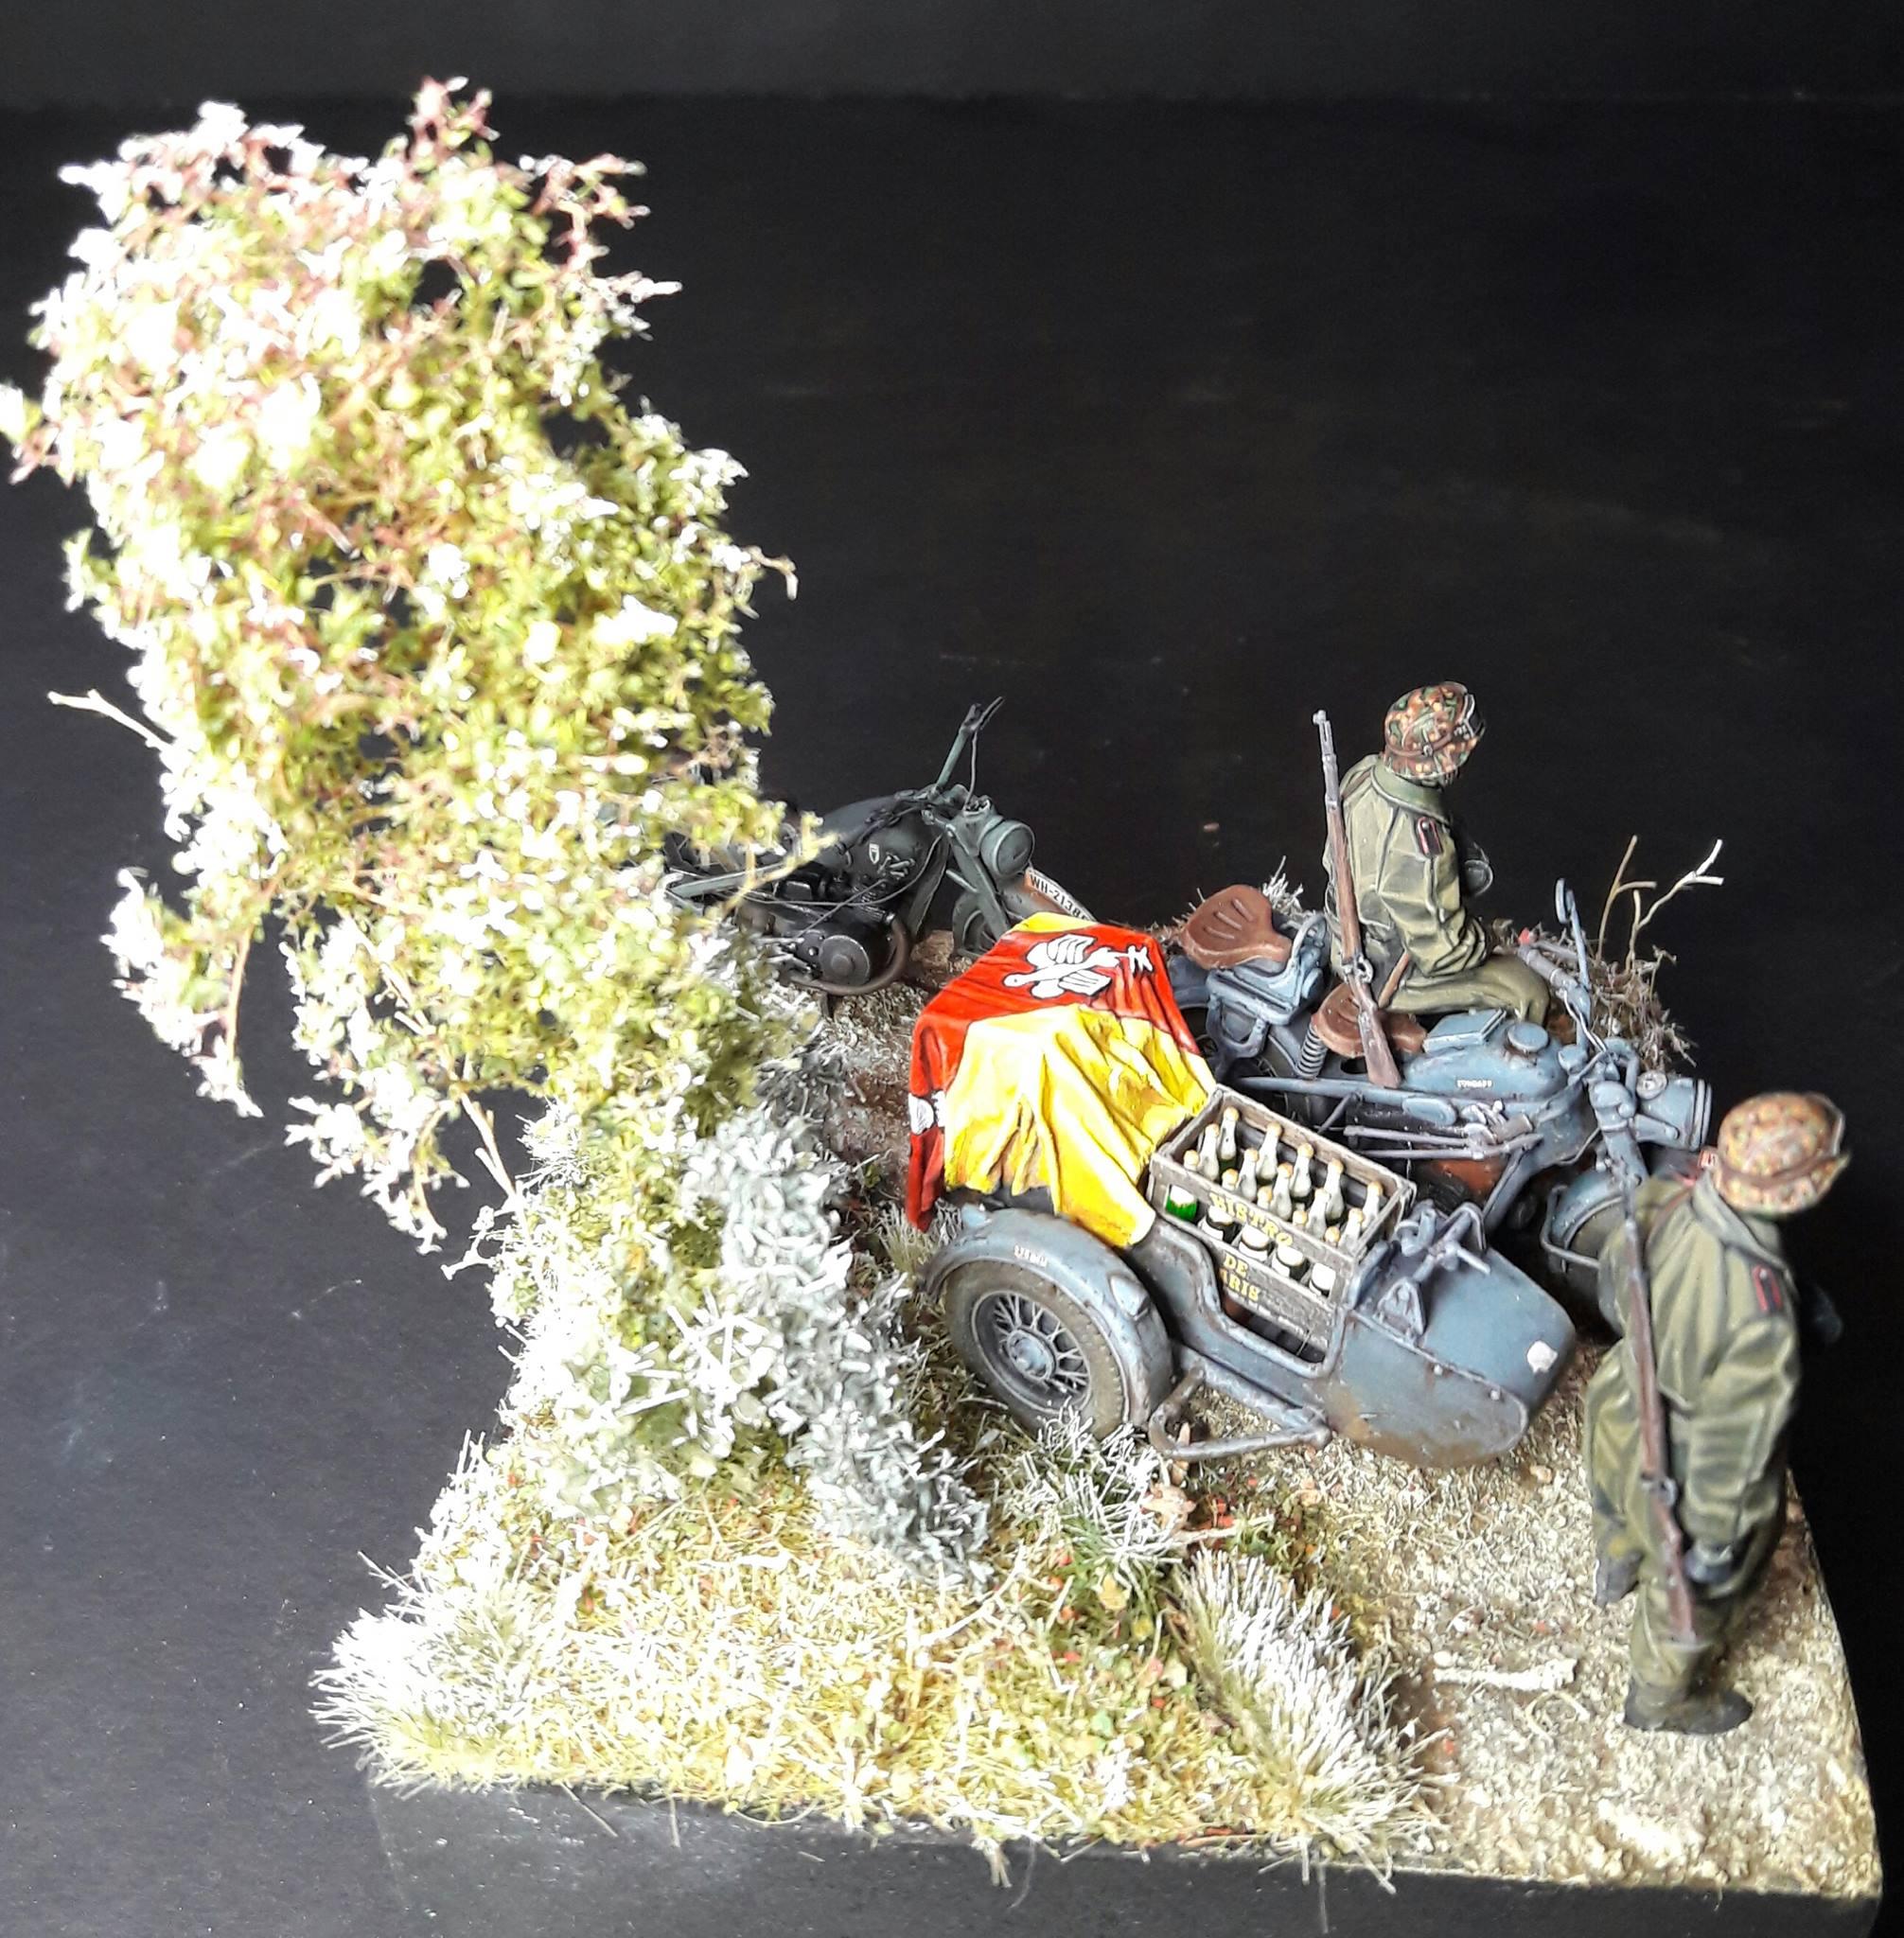 Zündapp KS750 - Sidecar - Great Wall Hobby + figurines Alpine - 1/35 - Page 5 286962201486511021180584975622916404219o